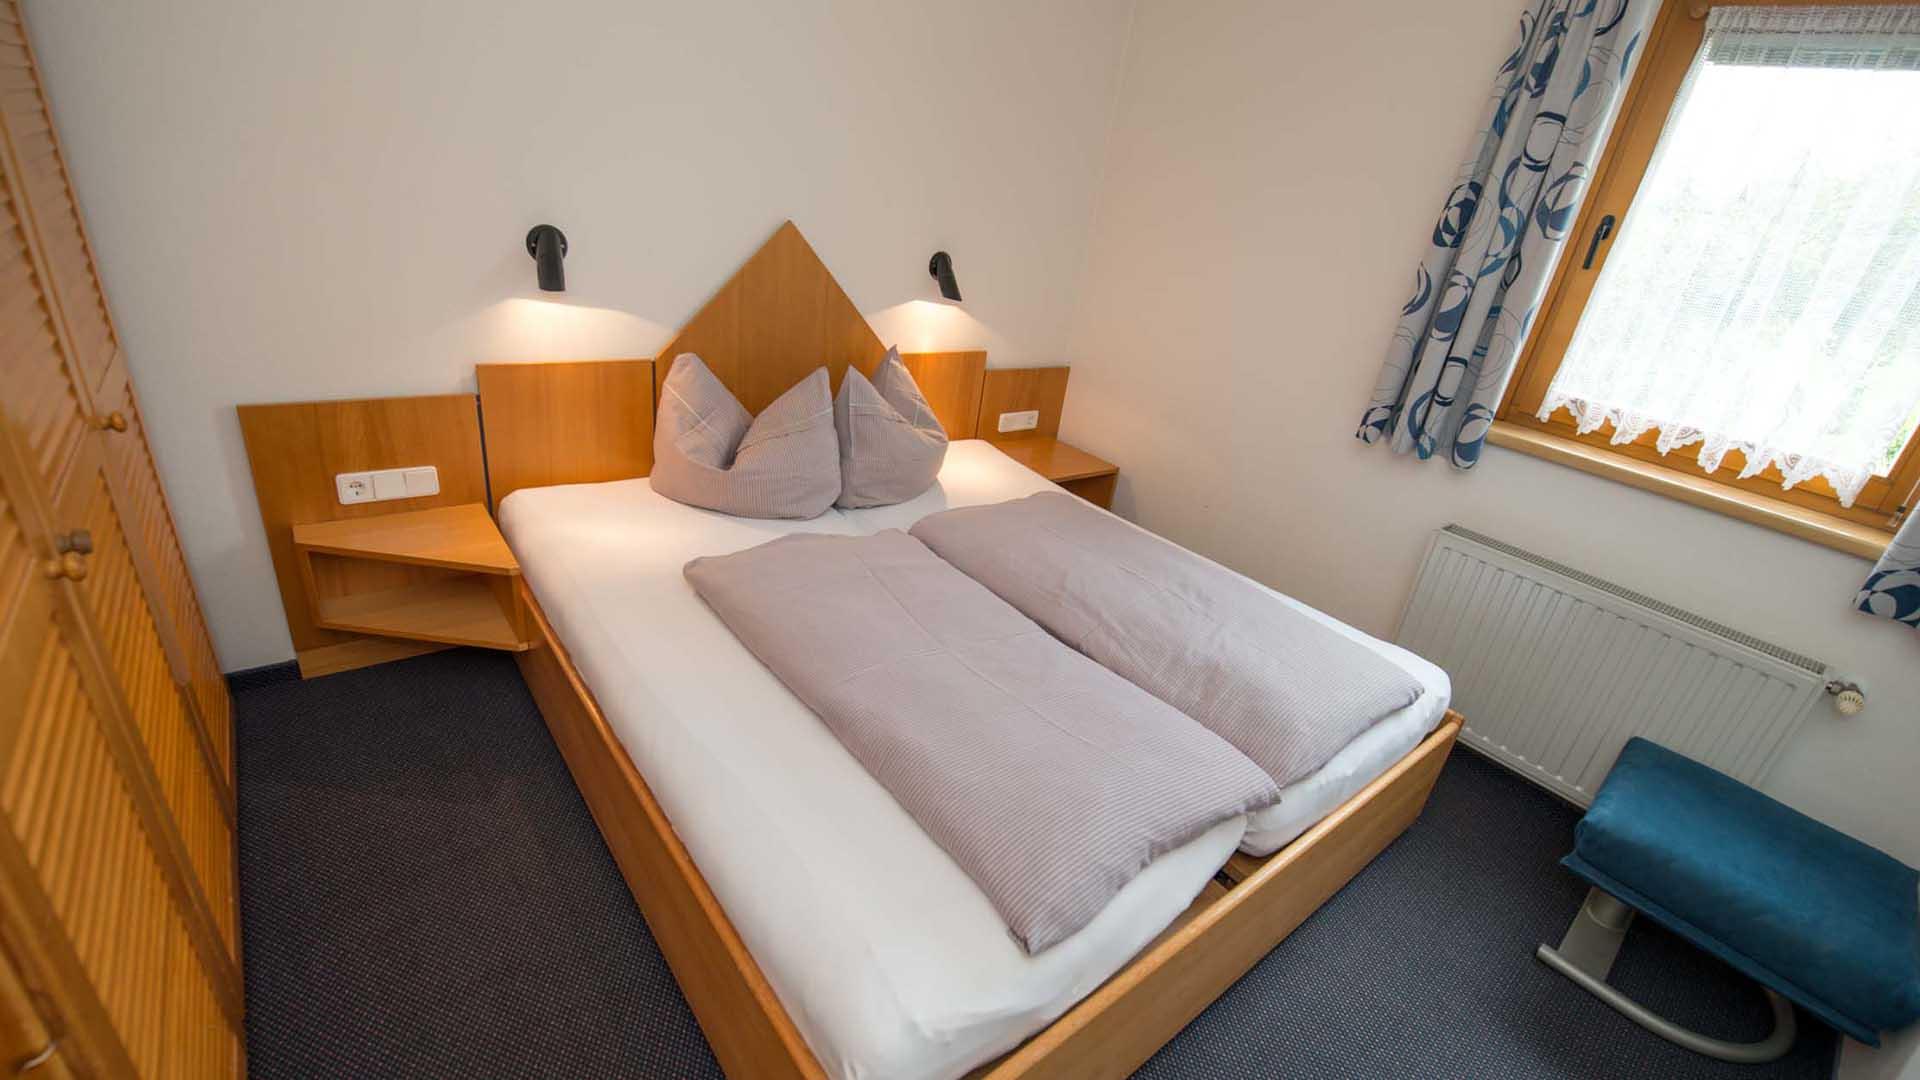 Wohnung-1-Slider-Winkler-Tuschnig-6